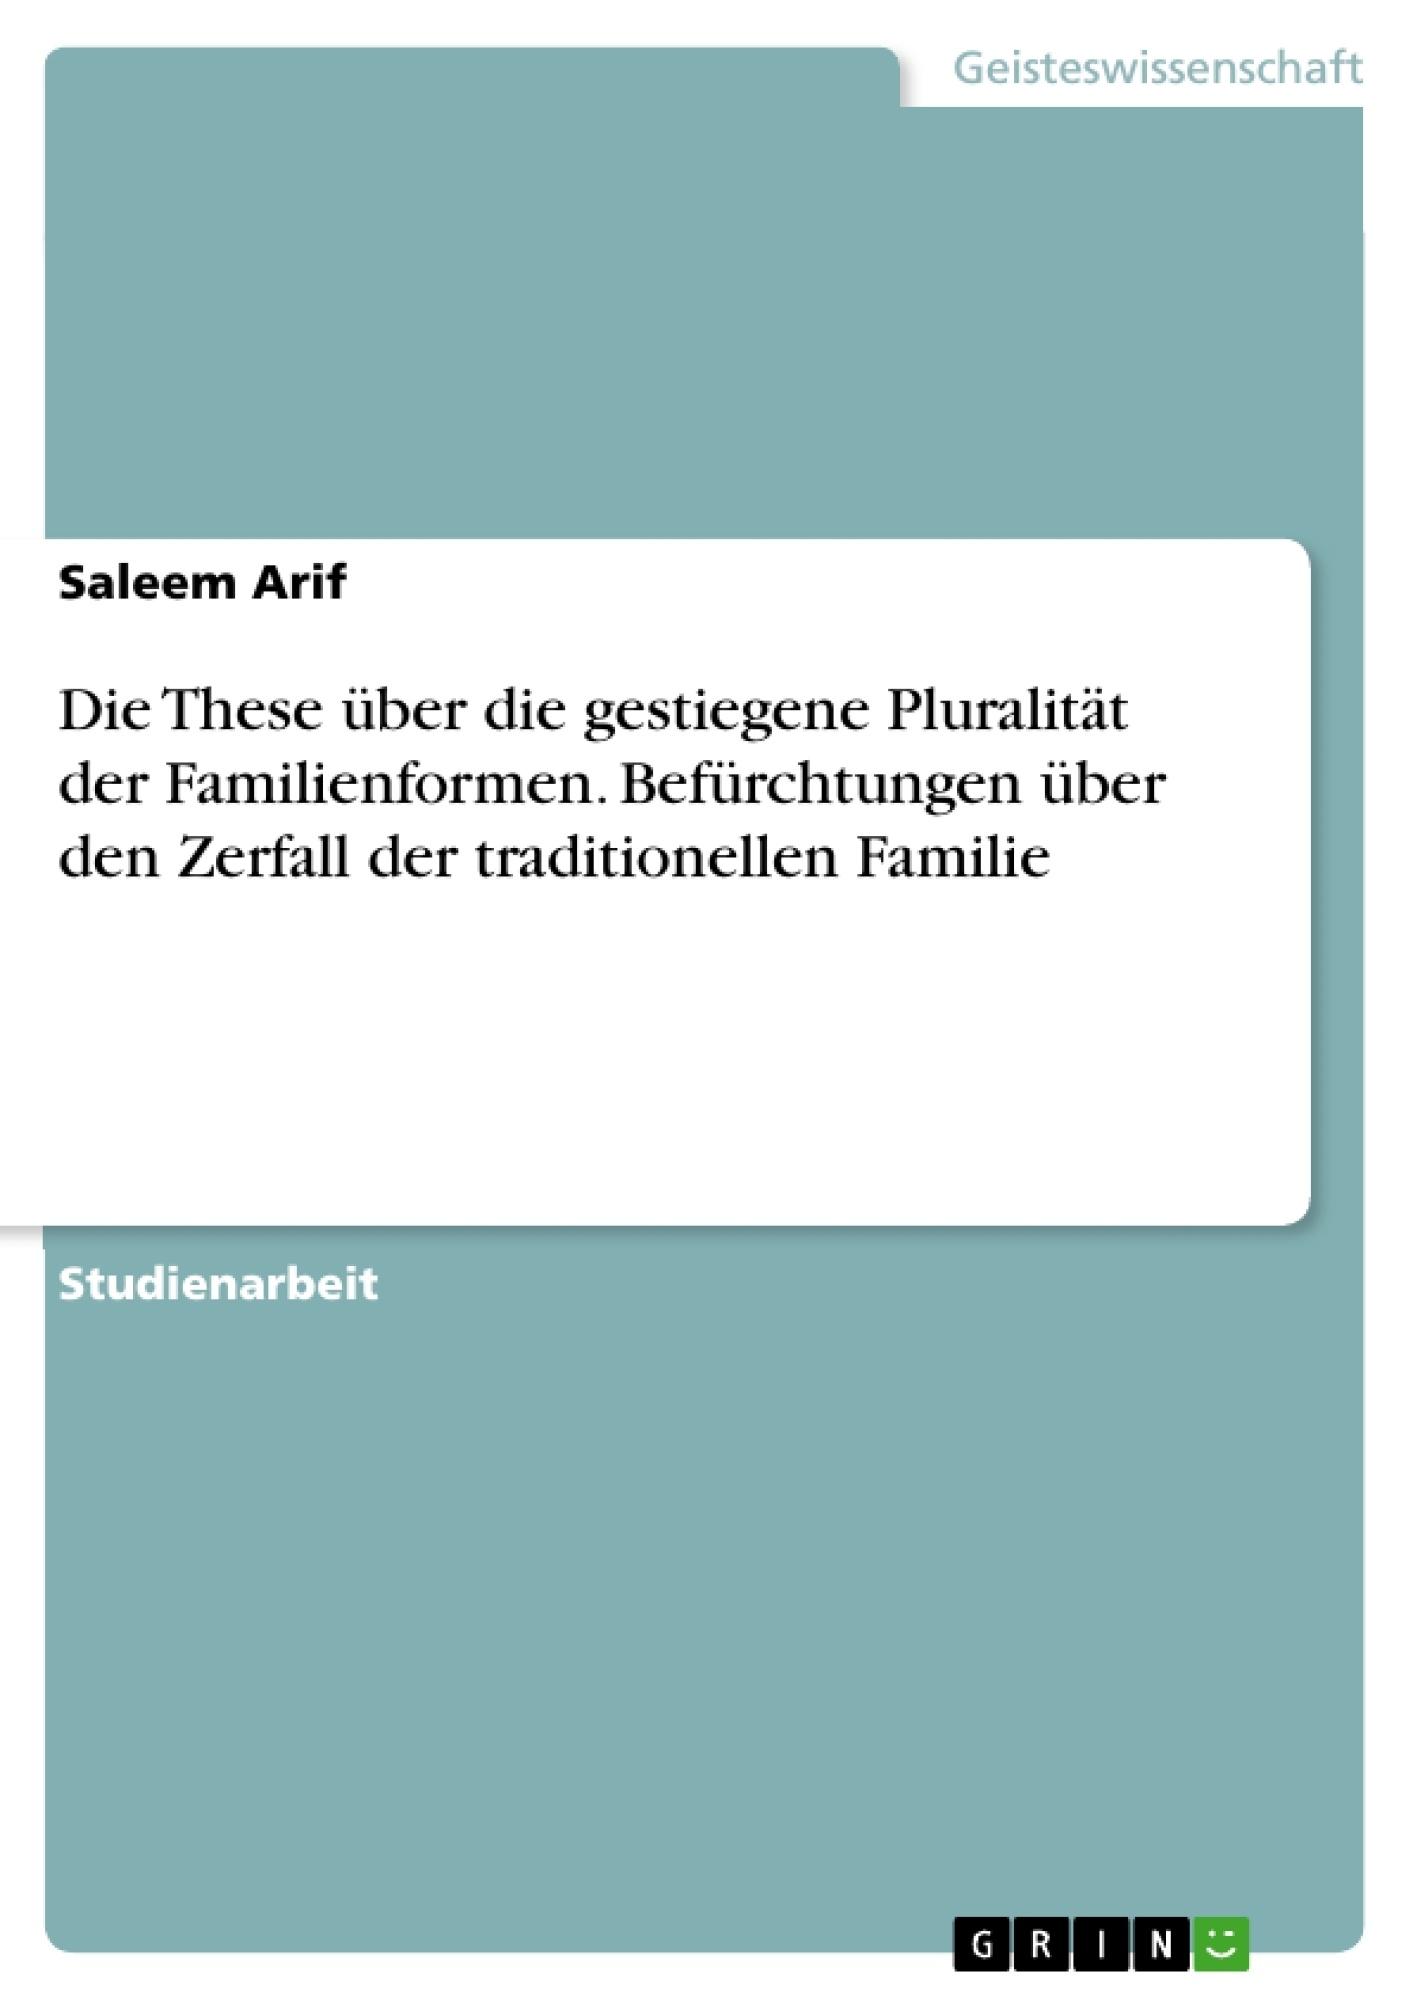 Titel: Die These über die gestiegene Pluralität der Familienformen. Befürchtungen über den Zerfall der traditionellen Familie